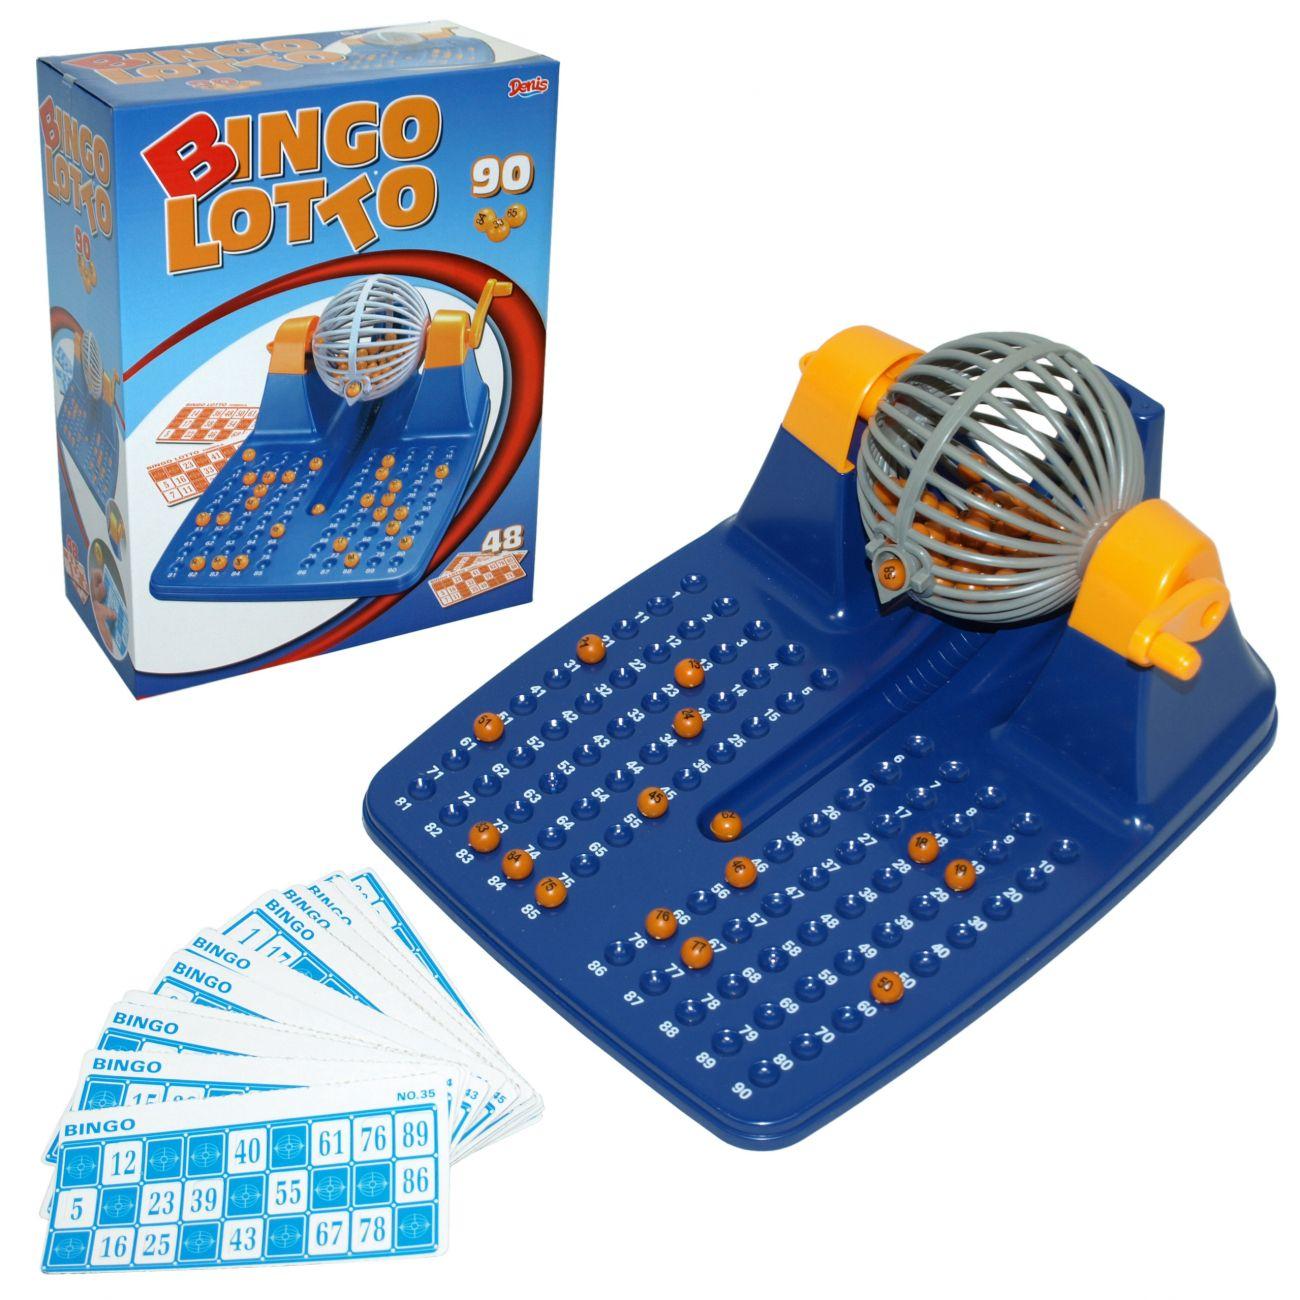 Bingo i loto igra za decu